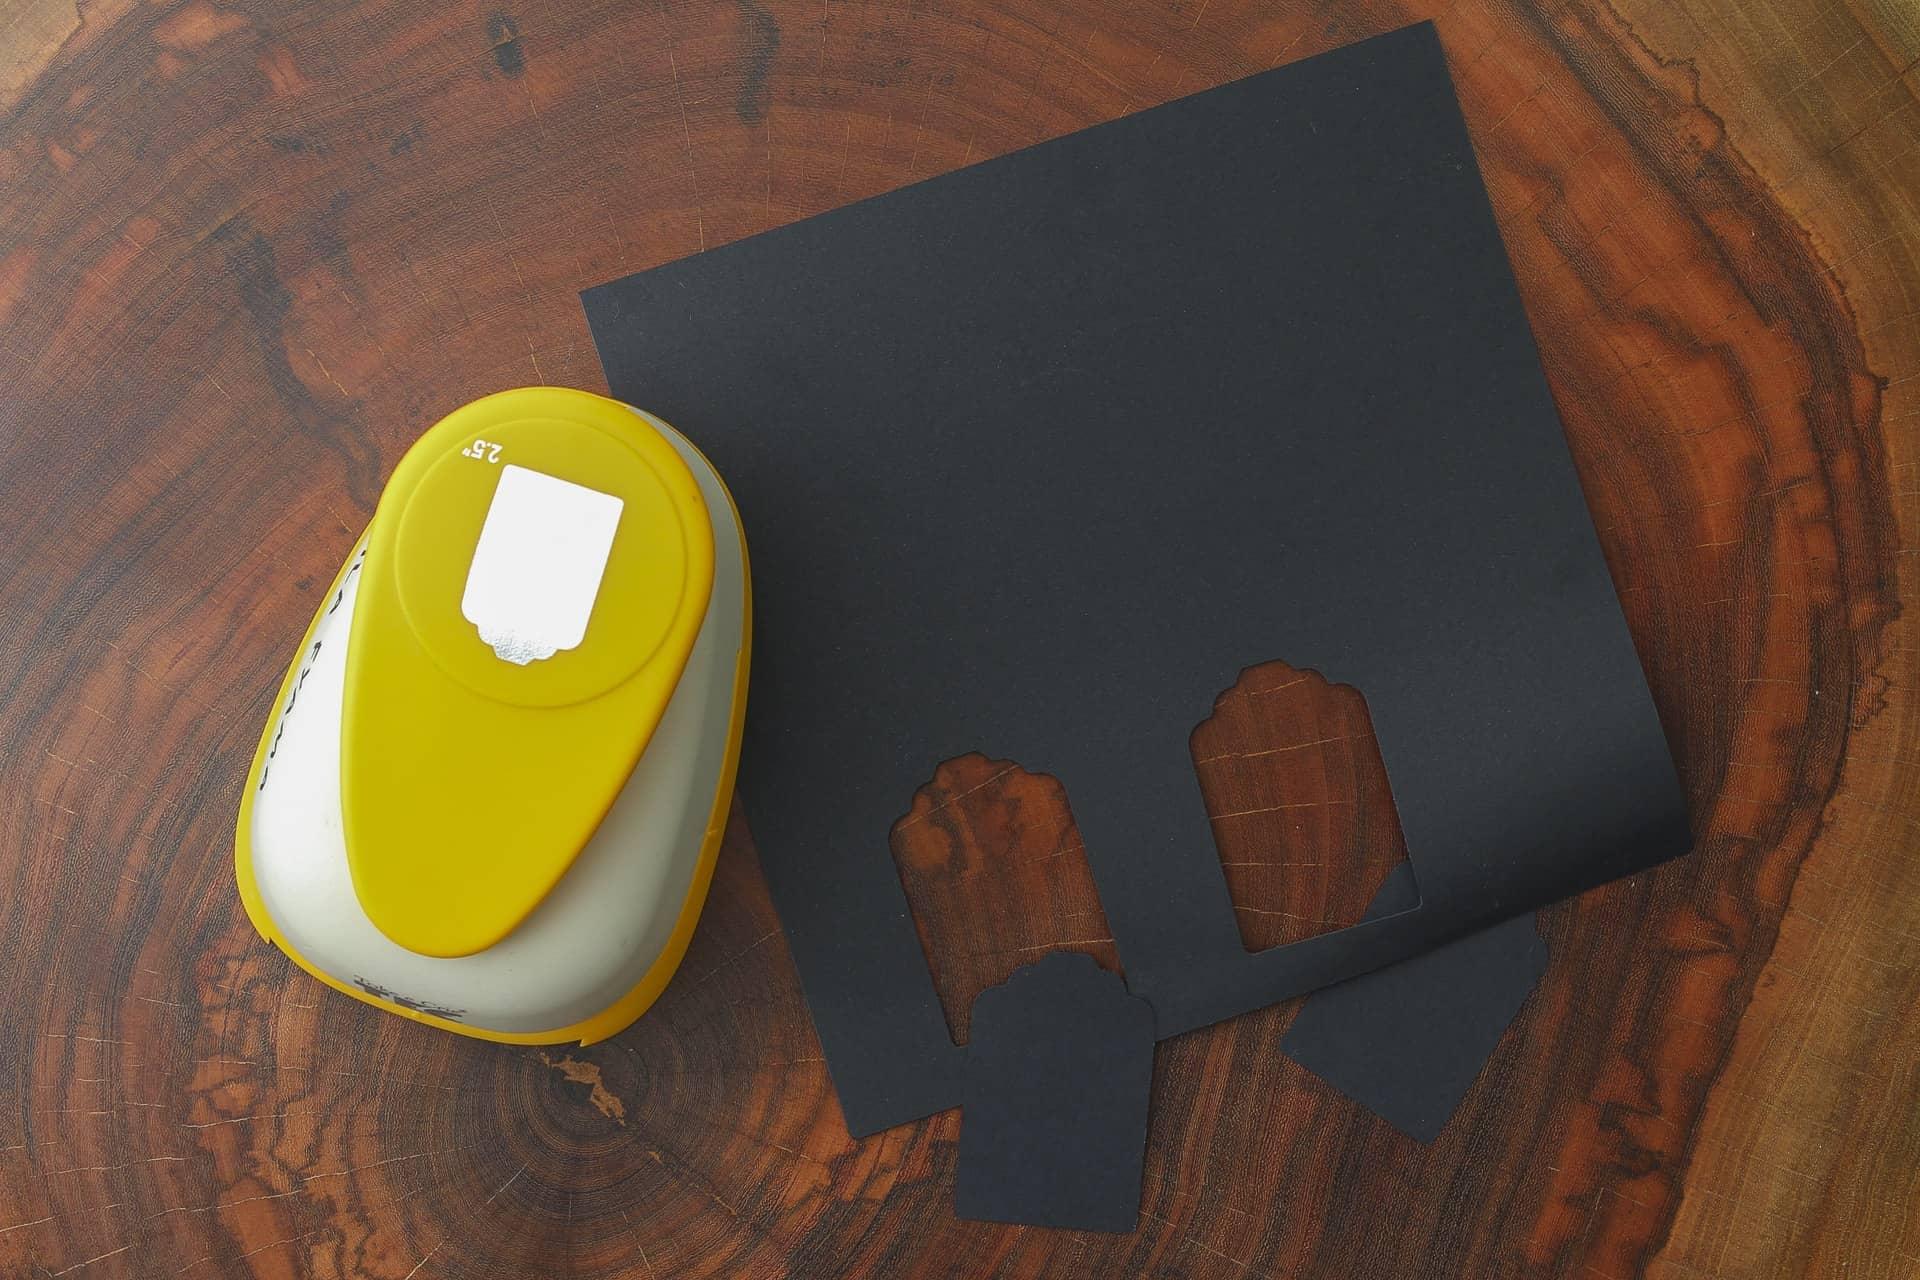 Imagem: Passo 1: corte as etiquetas com o cortador (ele costuma ser encontrado em papelarias e lojas que vendem artigos para scrapbook). Foto: Cacá Bratke.